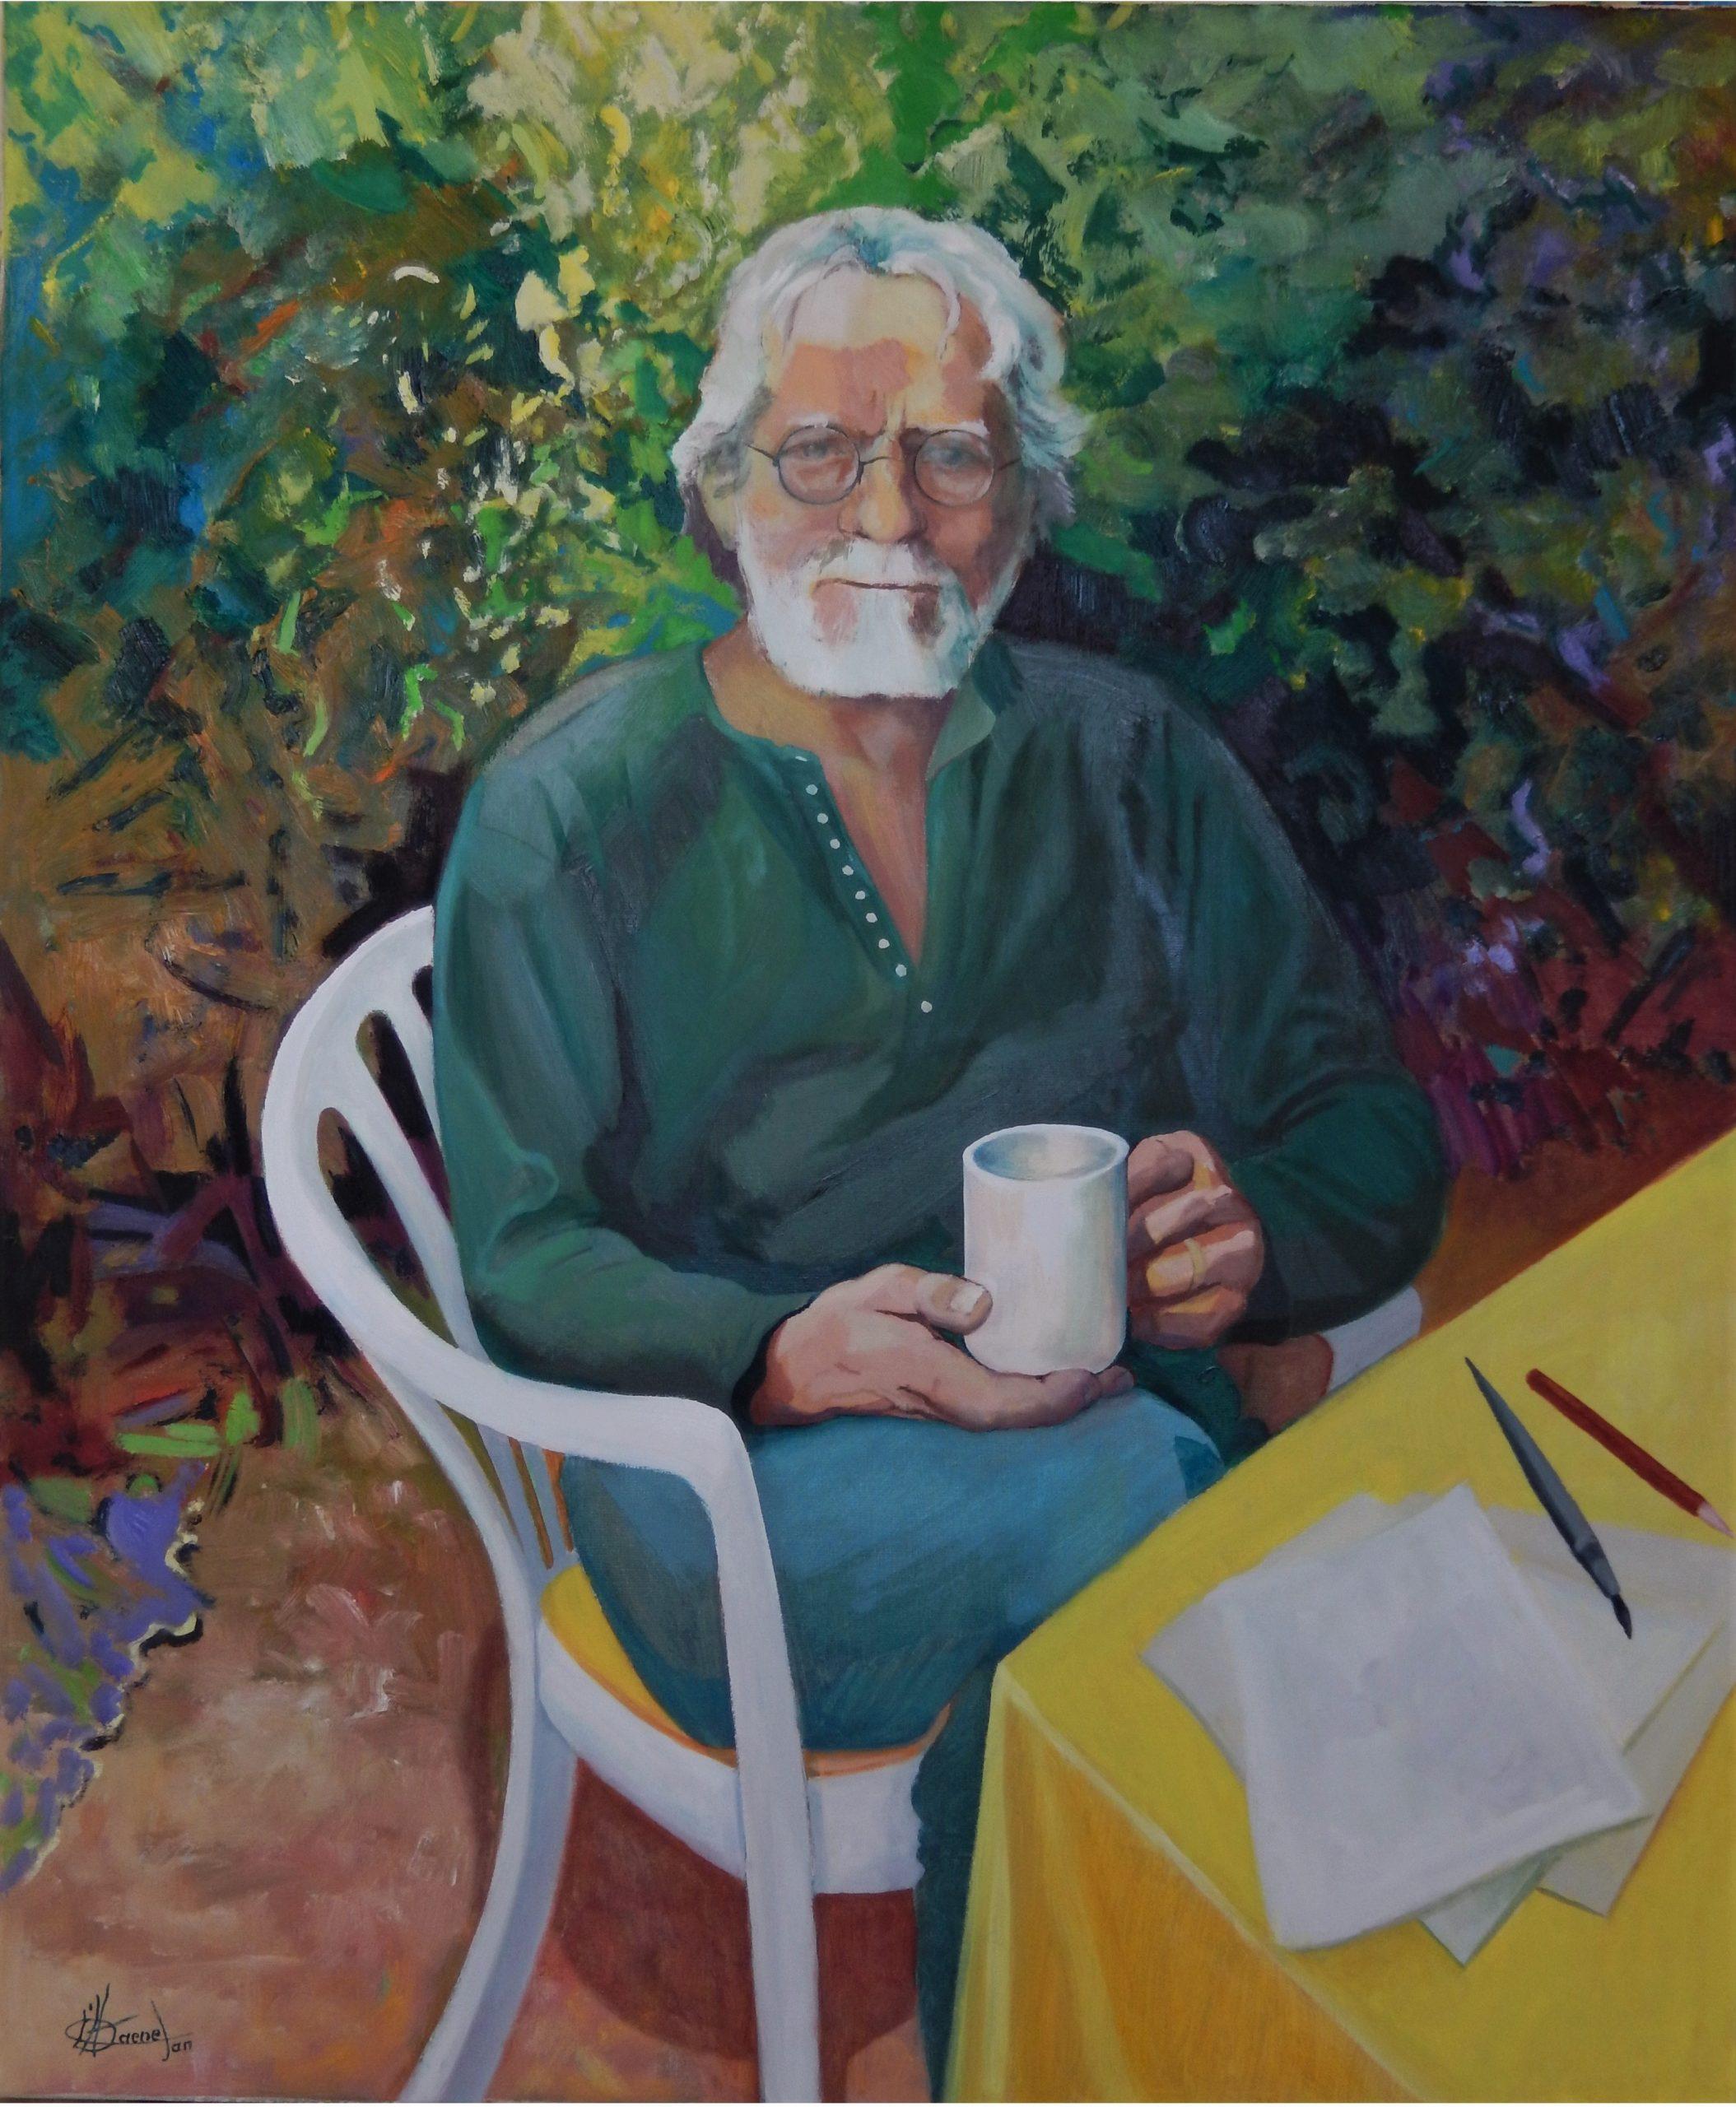 784 zelfportret (Arles)